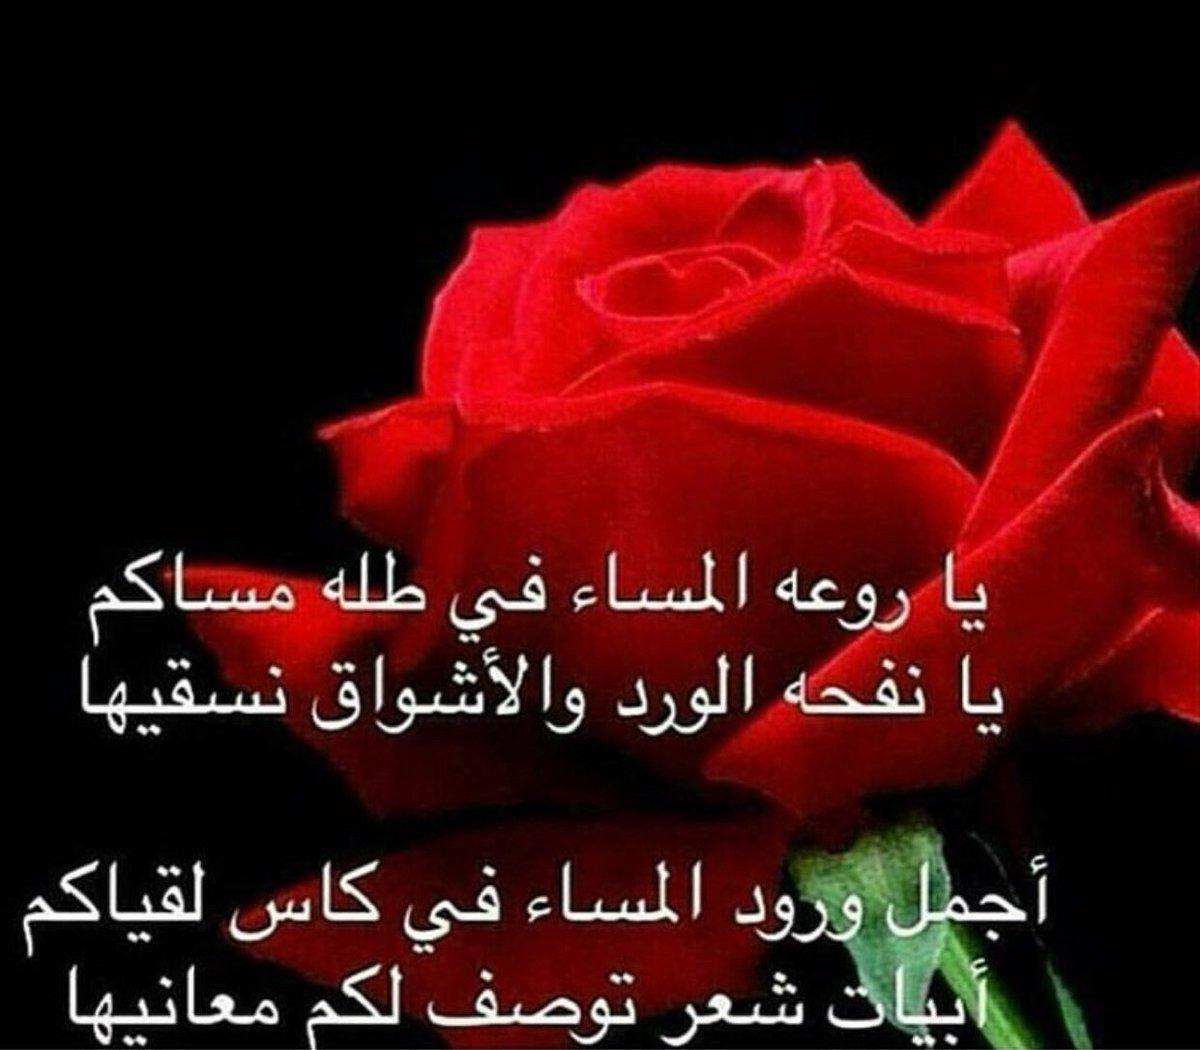 صورة كلمات عن الورد , اروع الصور والكلمات عن الورود 3096